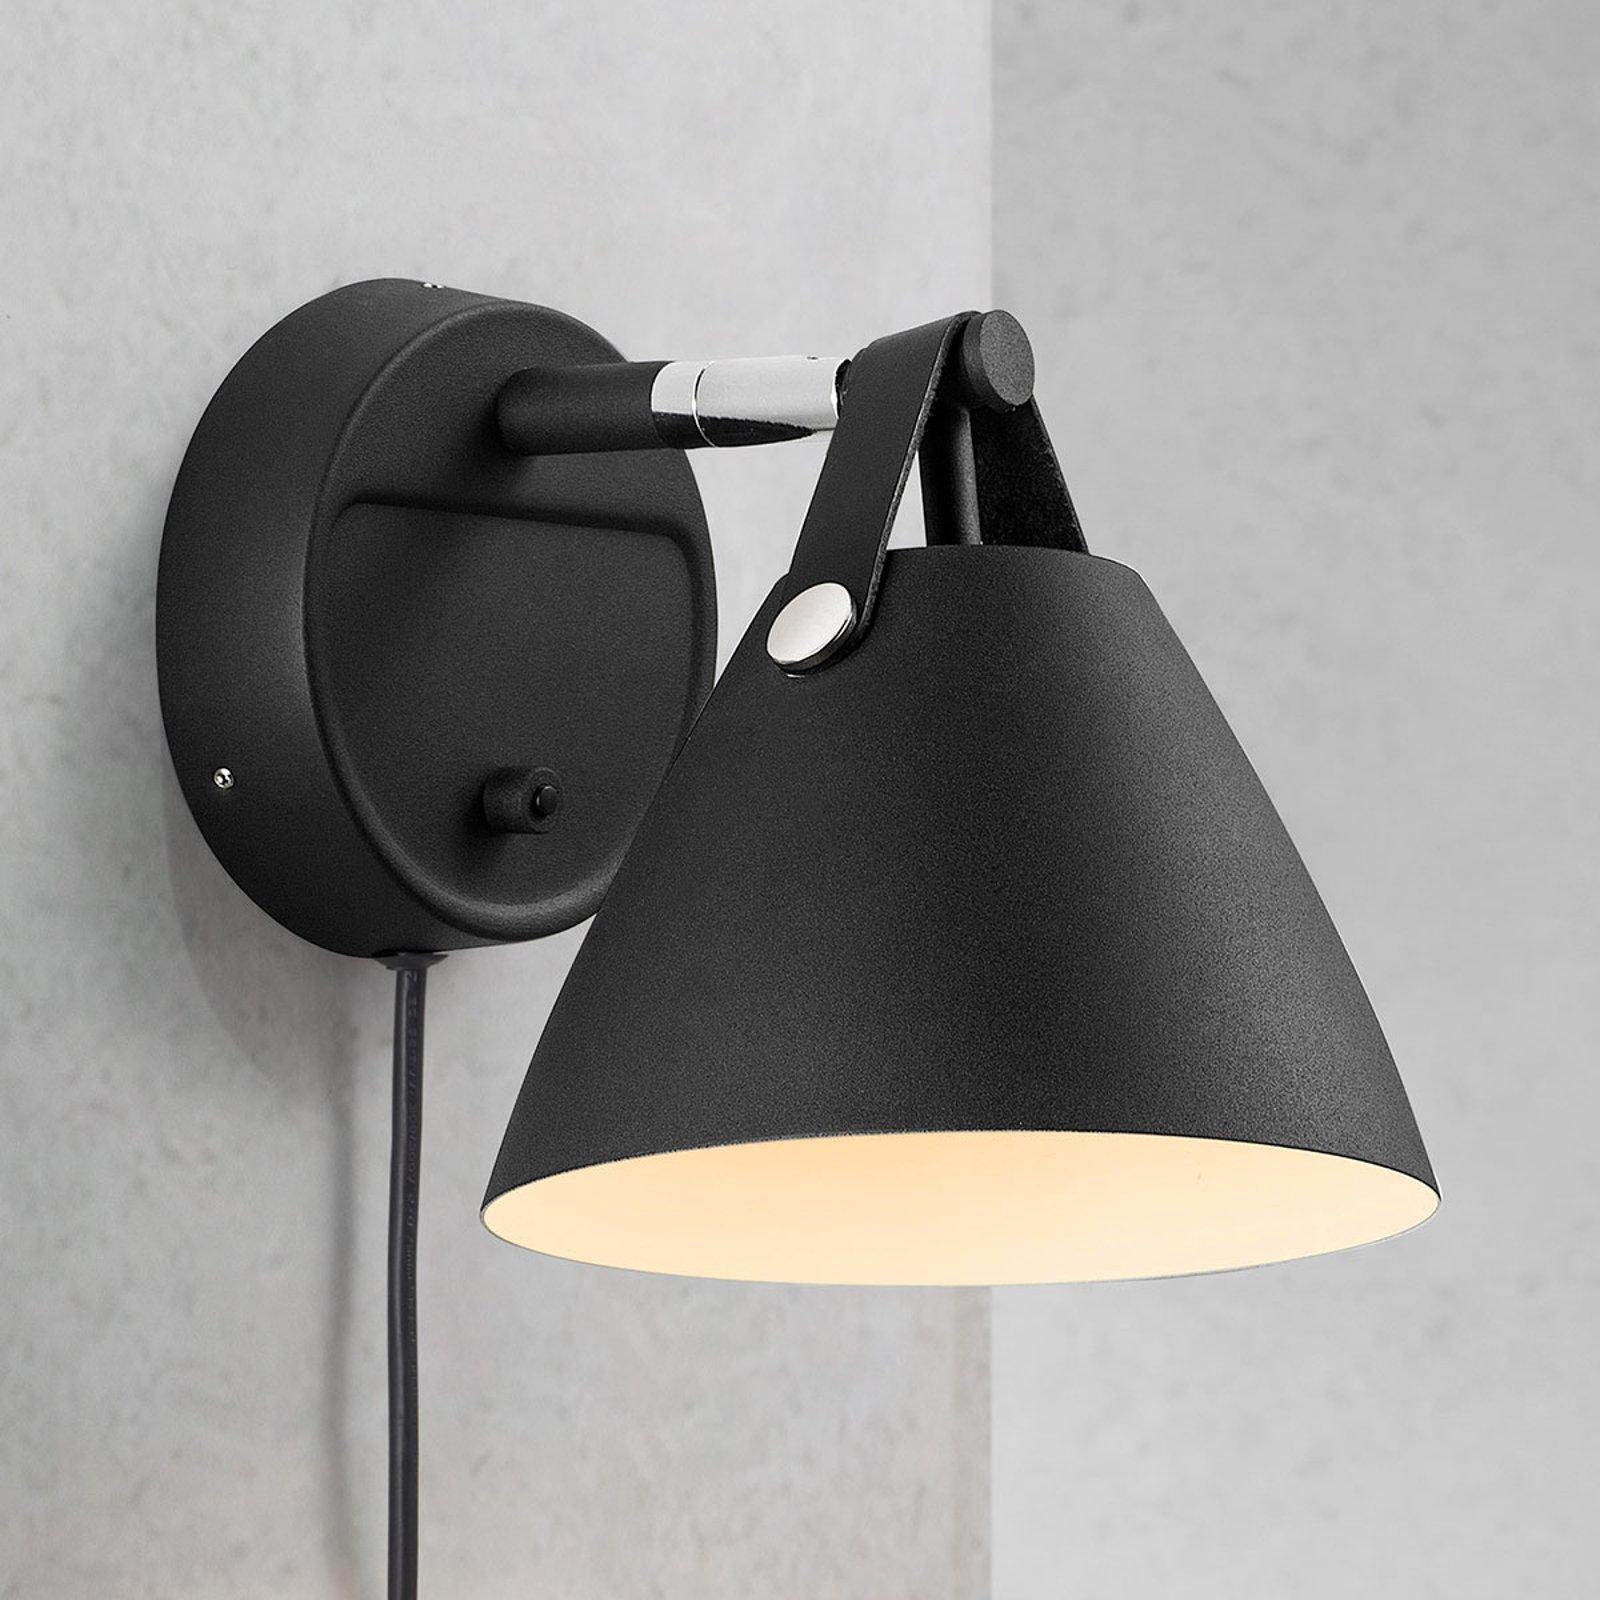 Vegglampe Strap med lærrem, svart